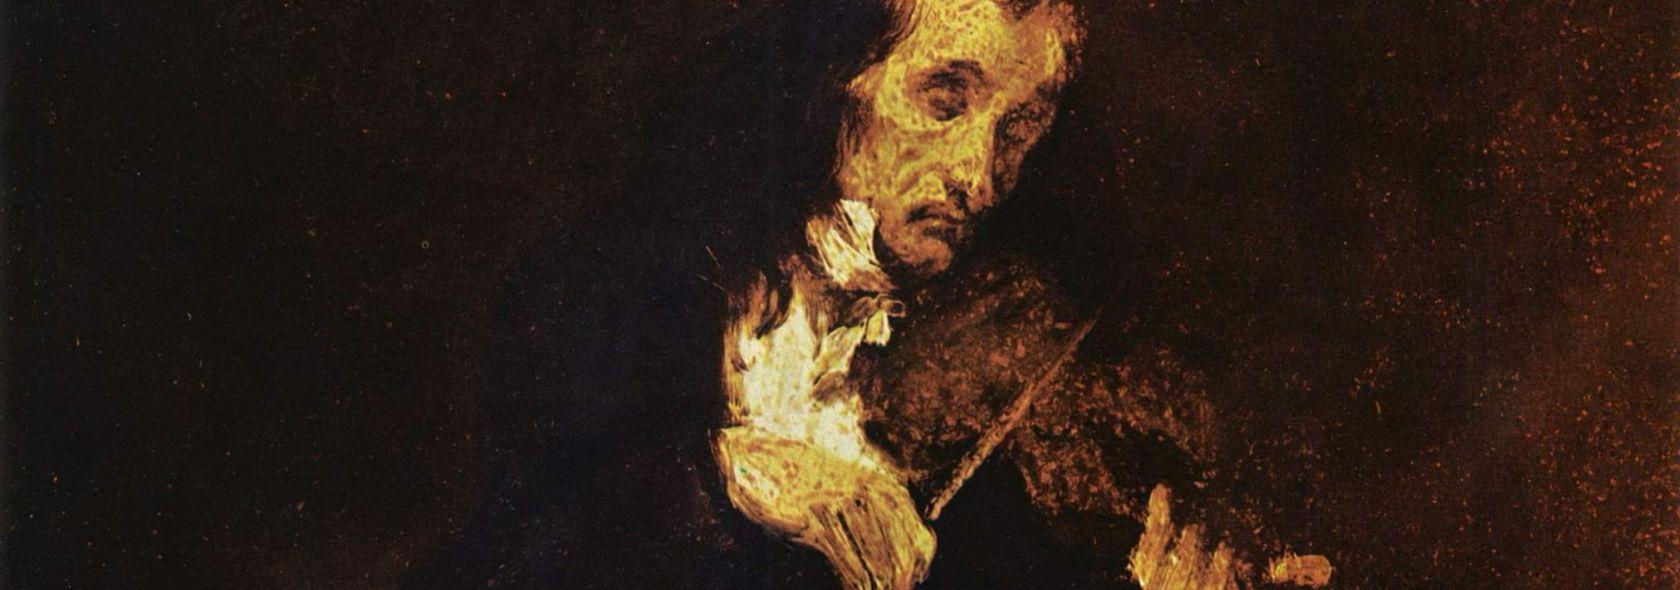 Eugène Delacroix, Portrait of Niccolò Paganini